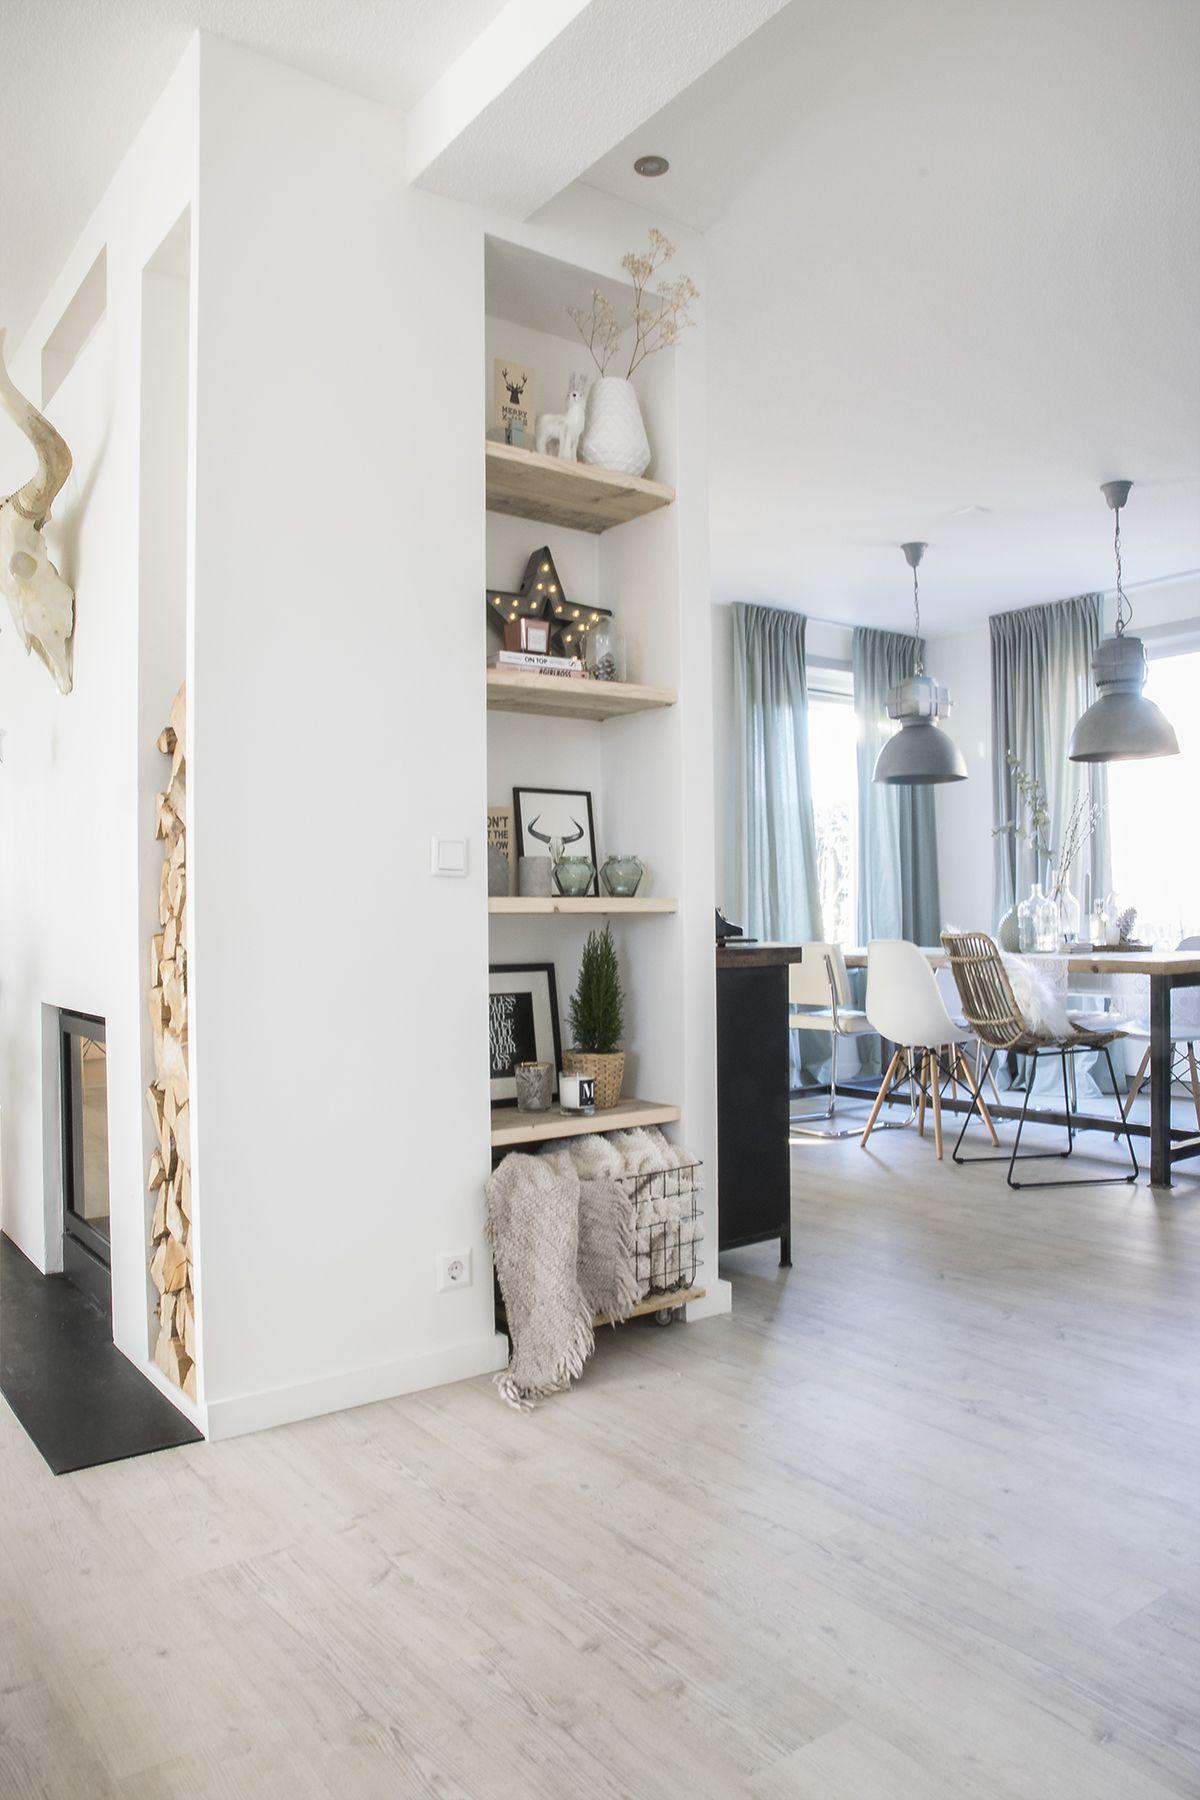 Binnenkijken bij Marlou & Jurre - eetkamer | Ideeën voor het huis ...